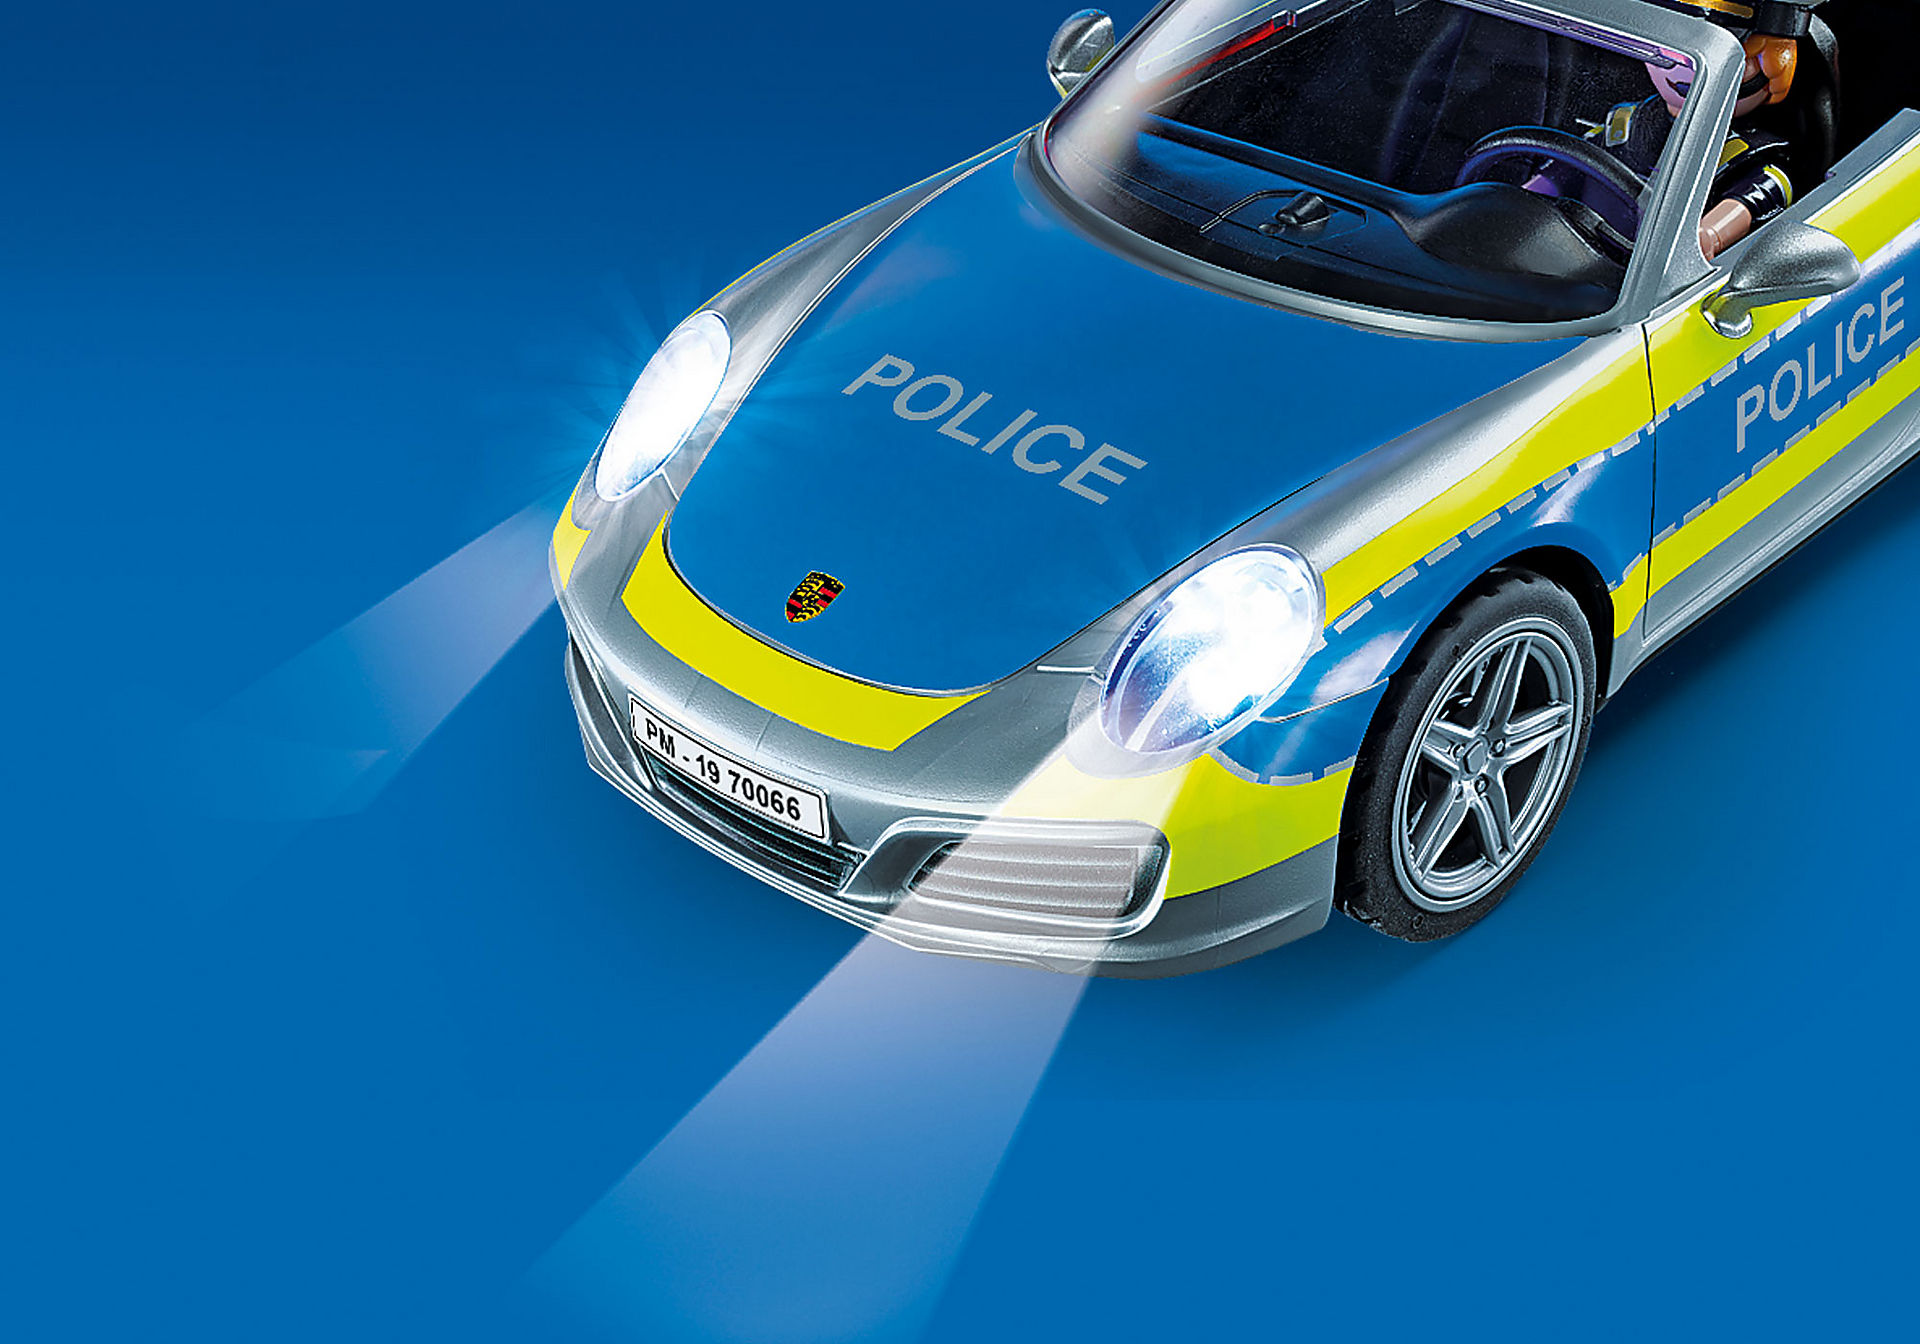 70066 Porsche 911 Carrera 4S Policía zoom image5